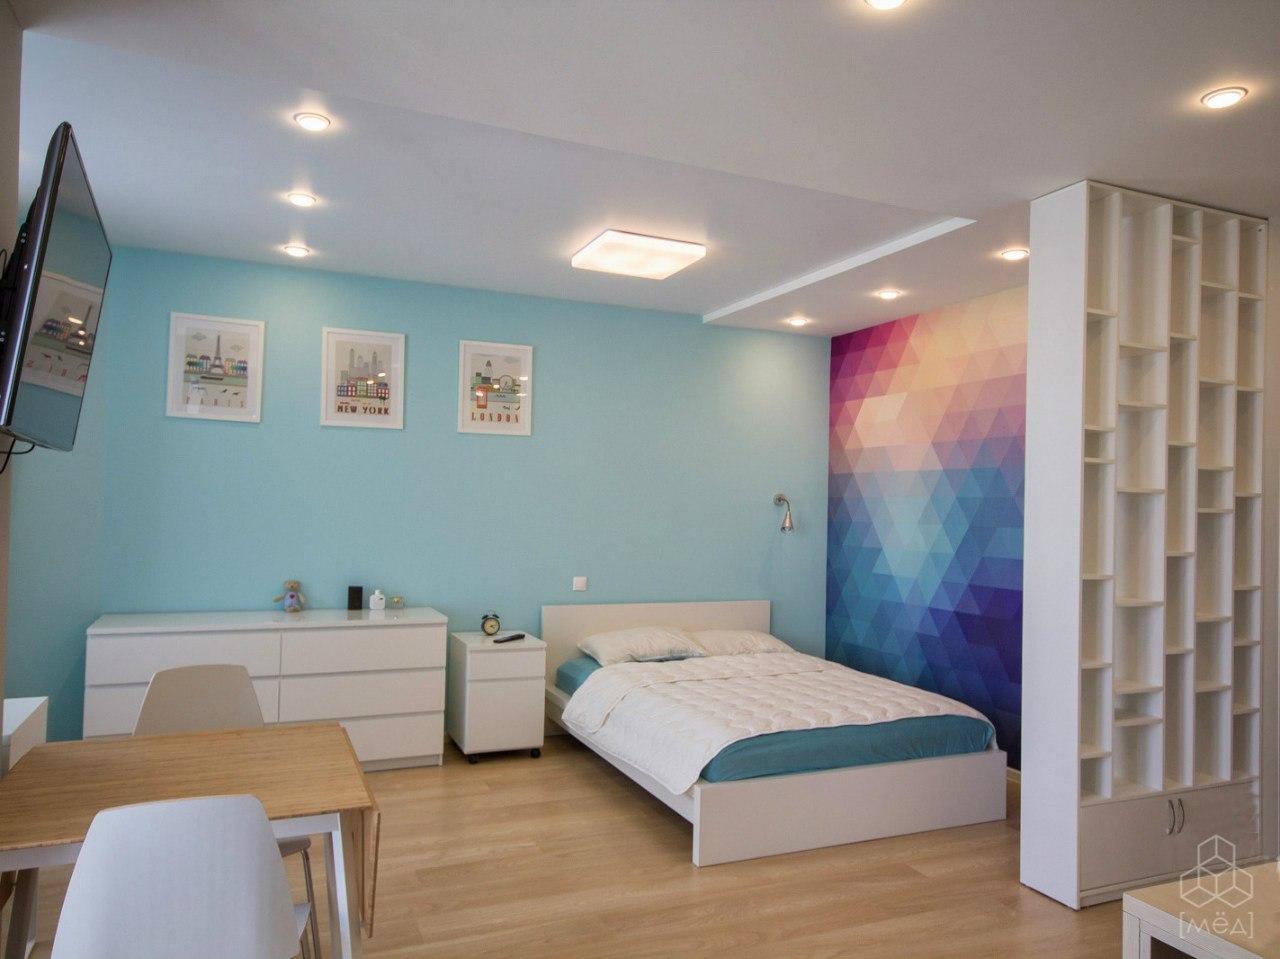 А вот что получилось по проекту квартиры 42,7 м из предыдущей новости от дизайн-студии Мёд, Екатеринбург.